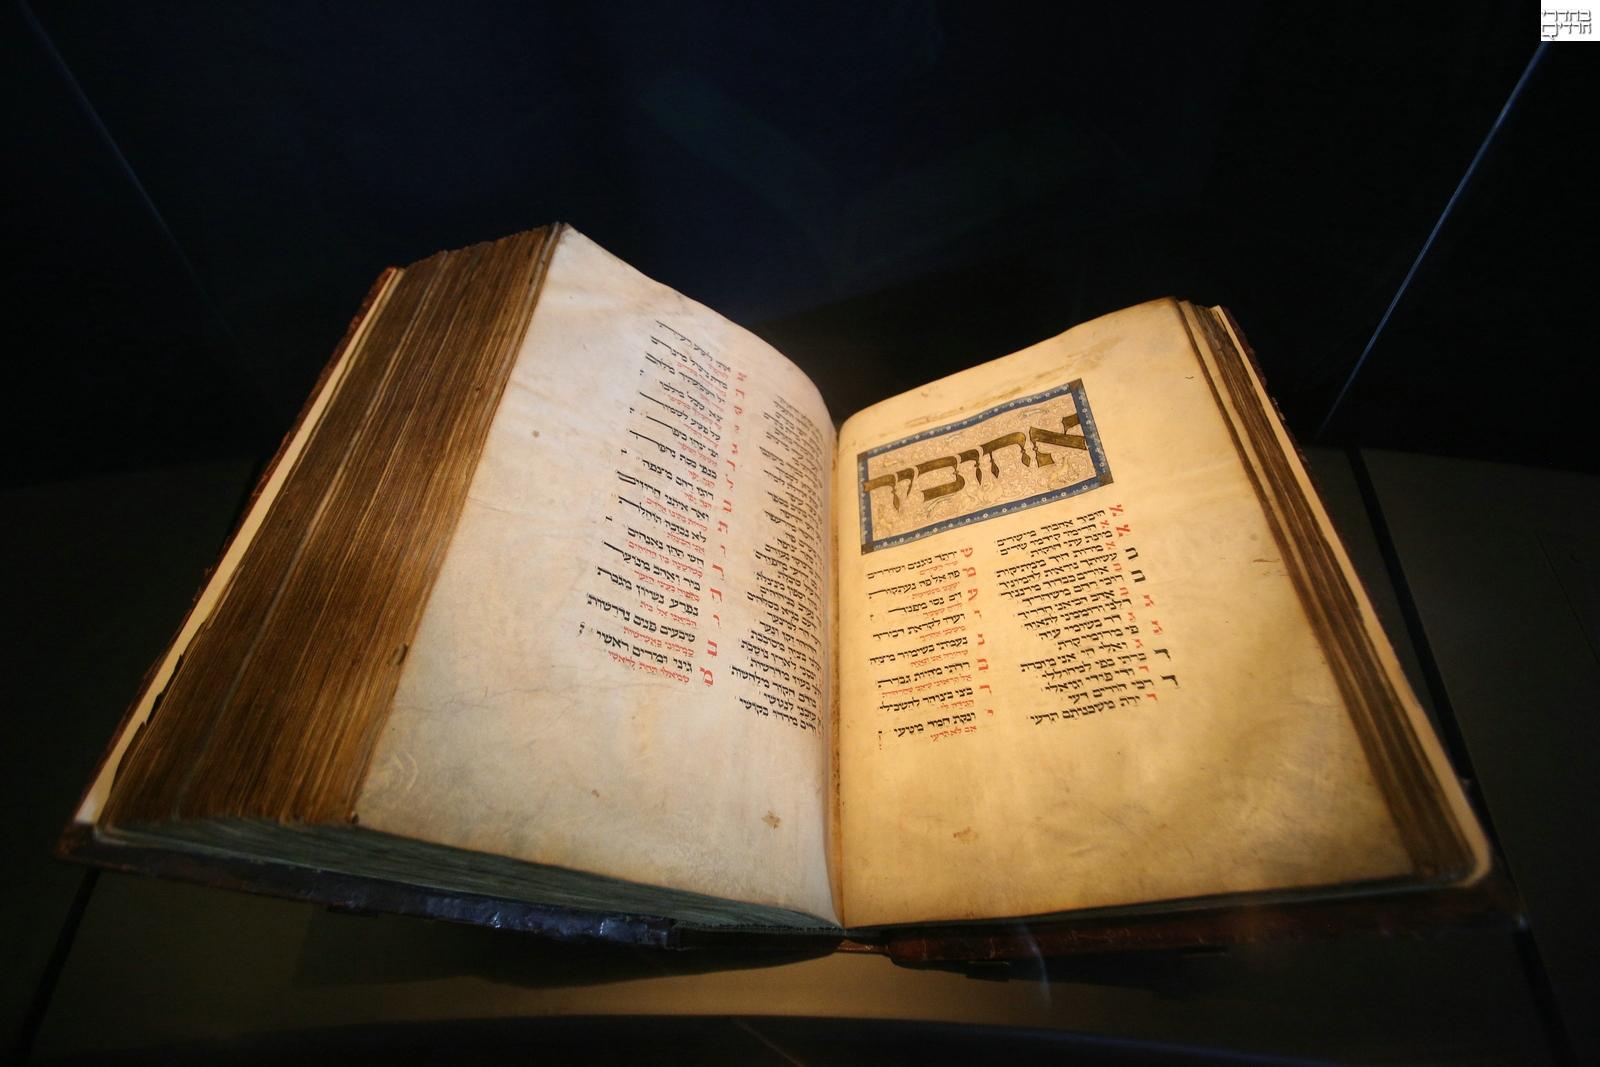 מוזיאון ישראל מציג: תערוכת משנה תורה • צפו